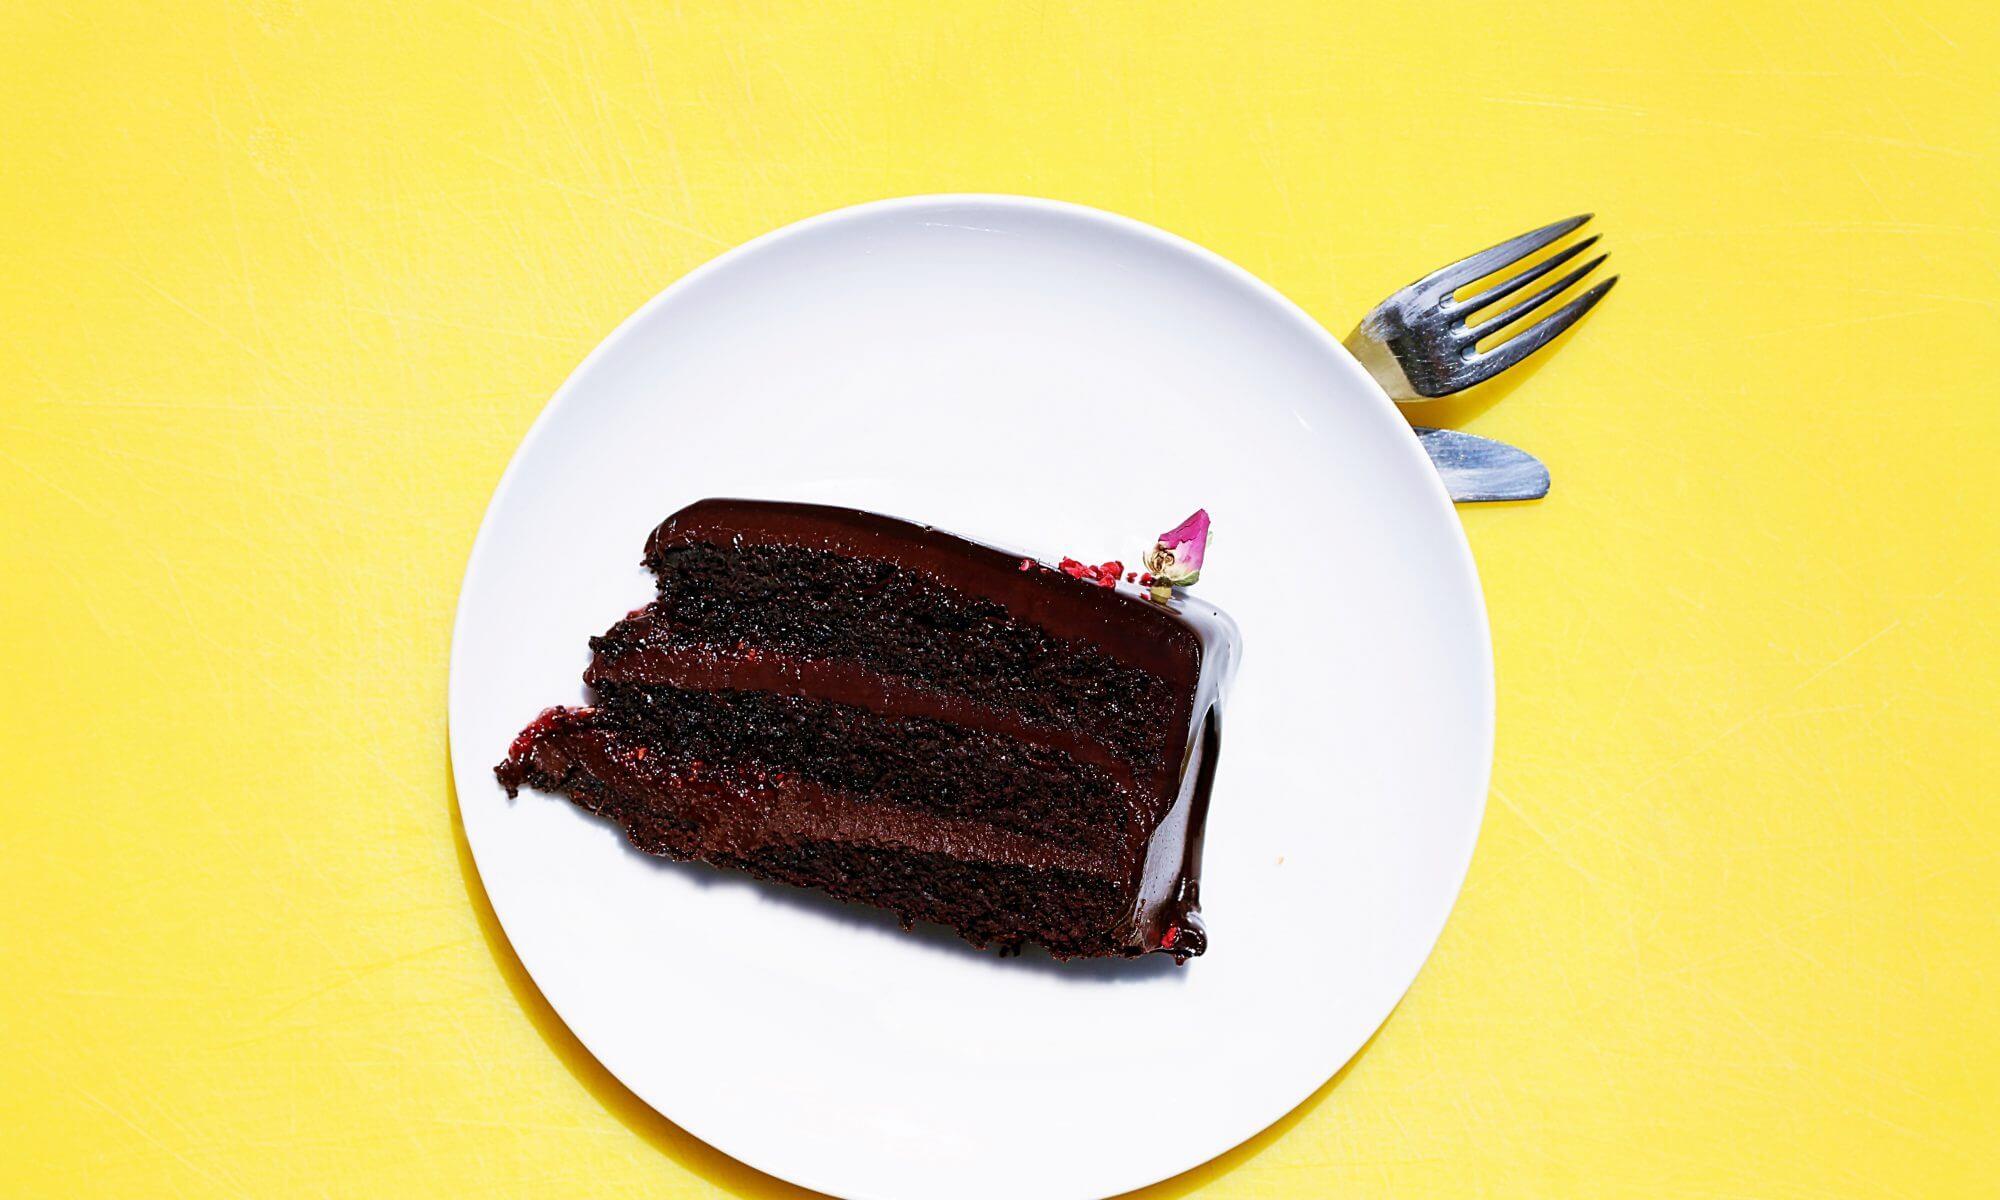 Schokoladen Kuchen auf weißem Teller auf gelben Tisch